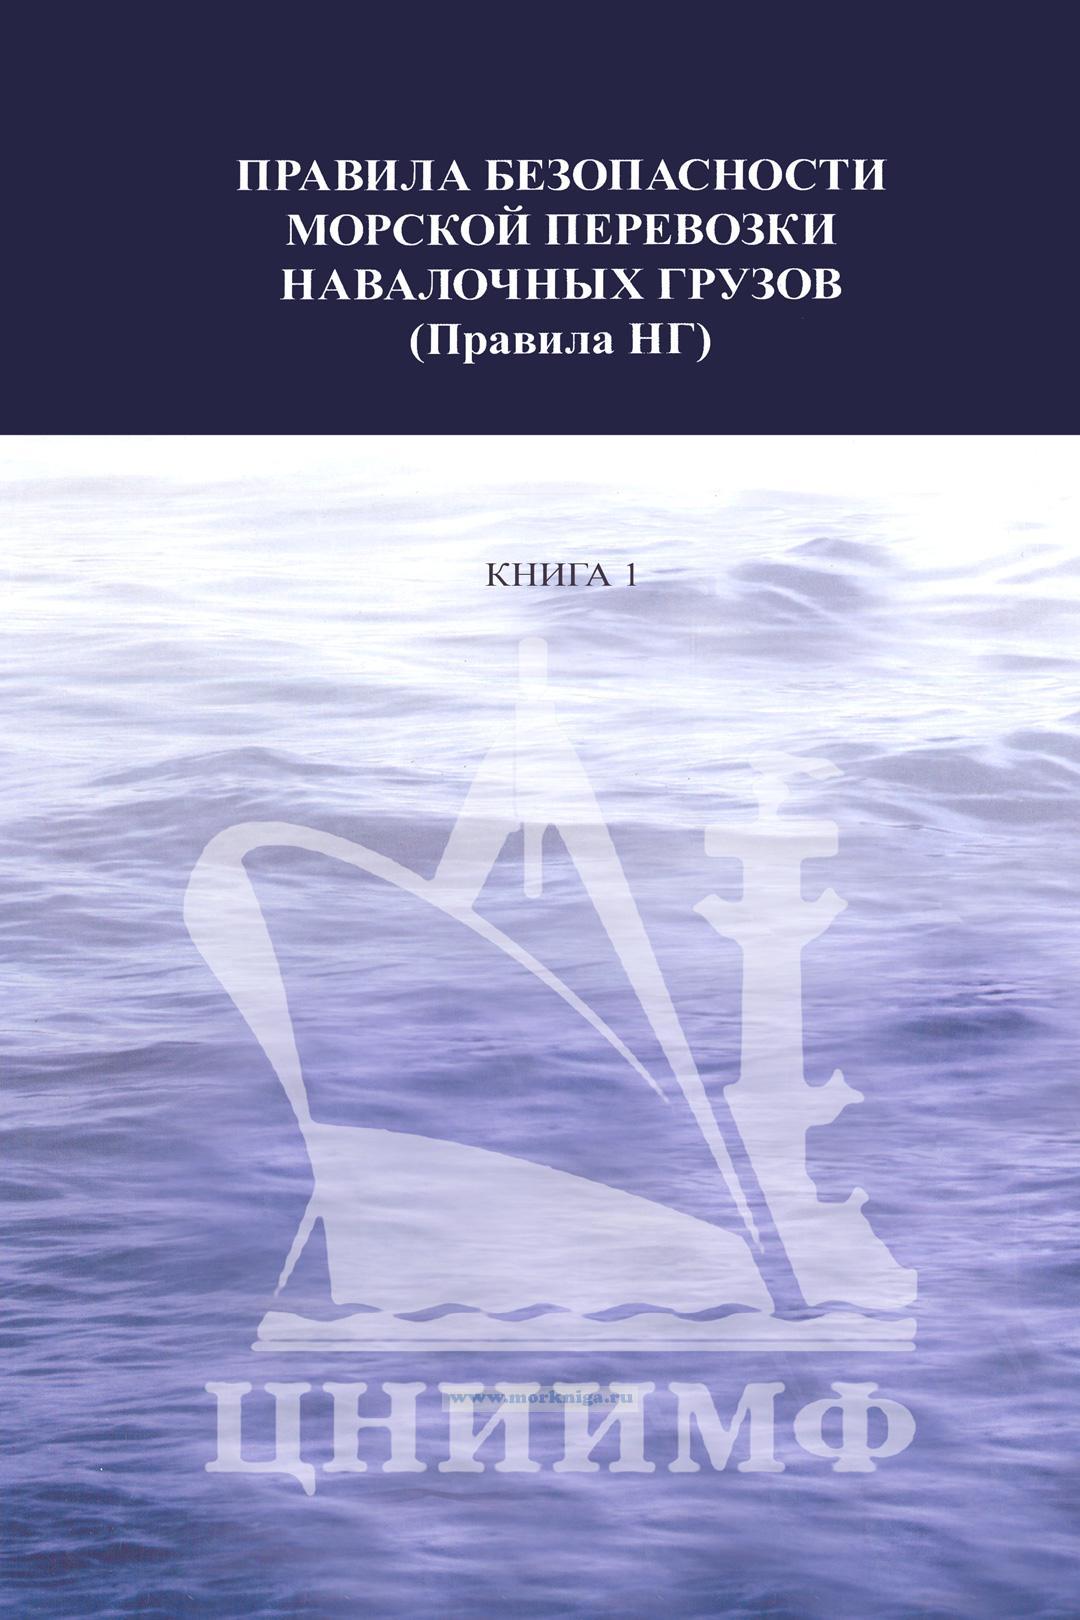 Правила безопасности морской перевозки навалочных грузов (Правила НГ). Книга 1. СТО 318.1.38-2009